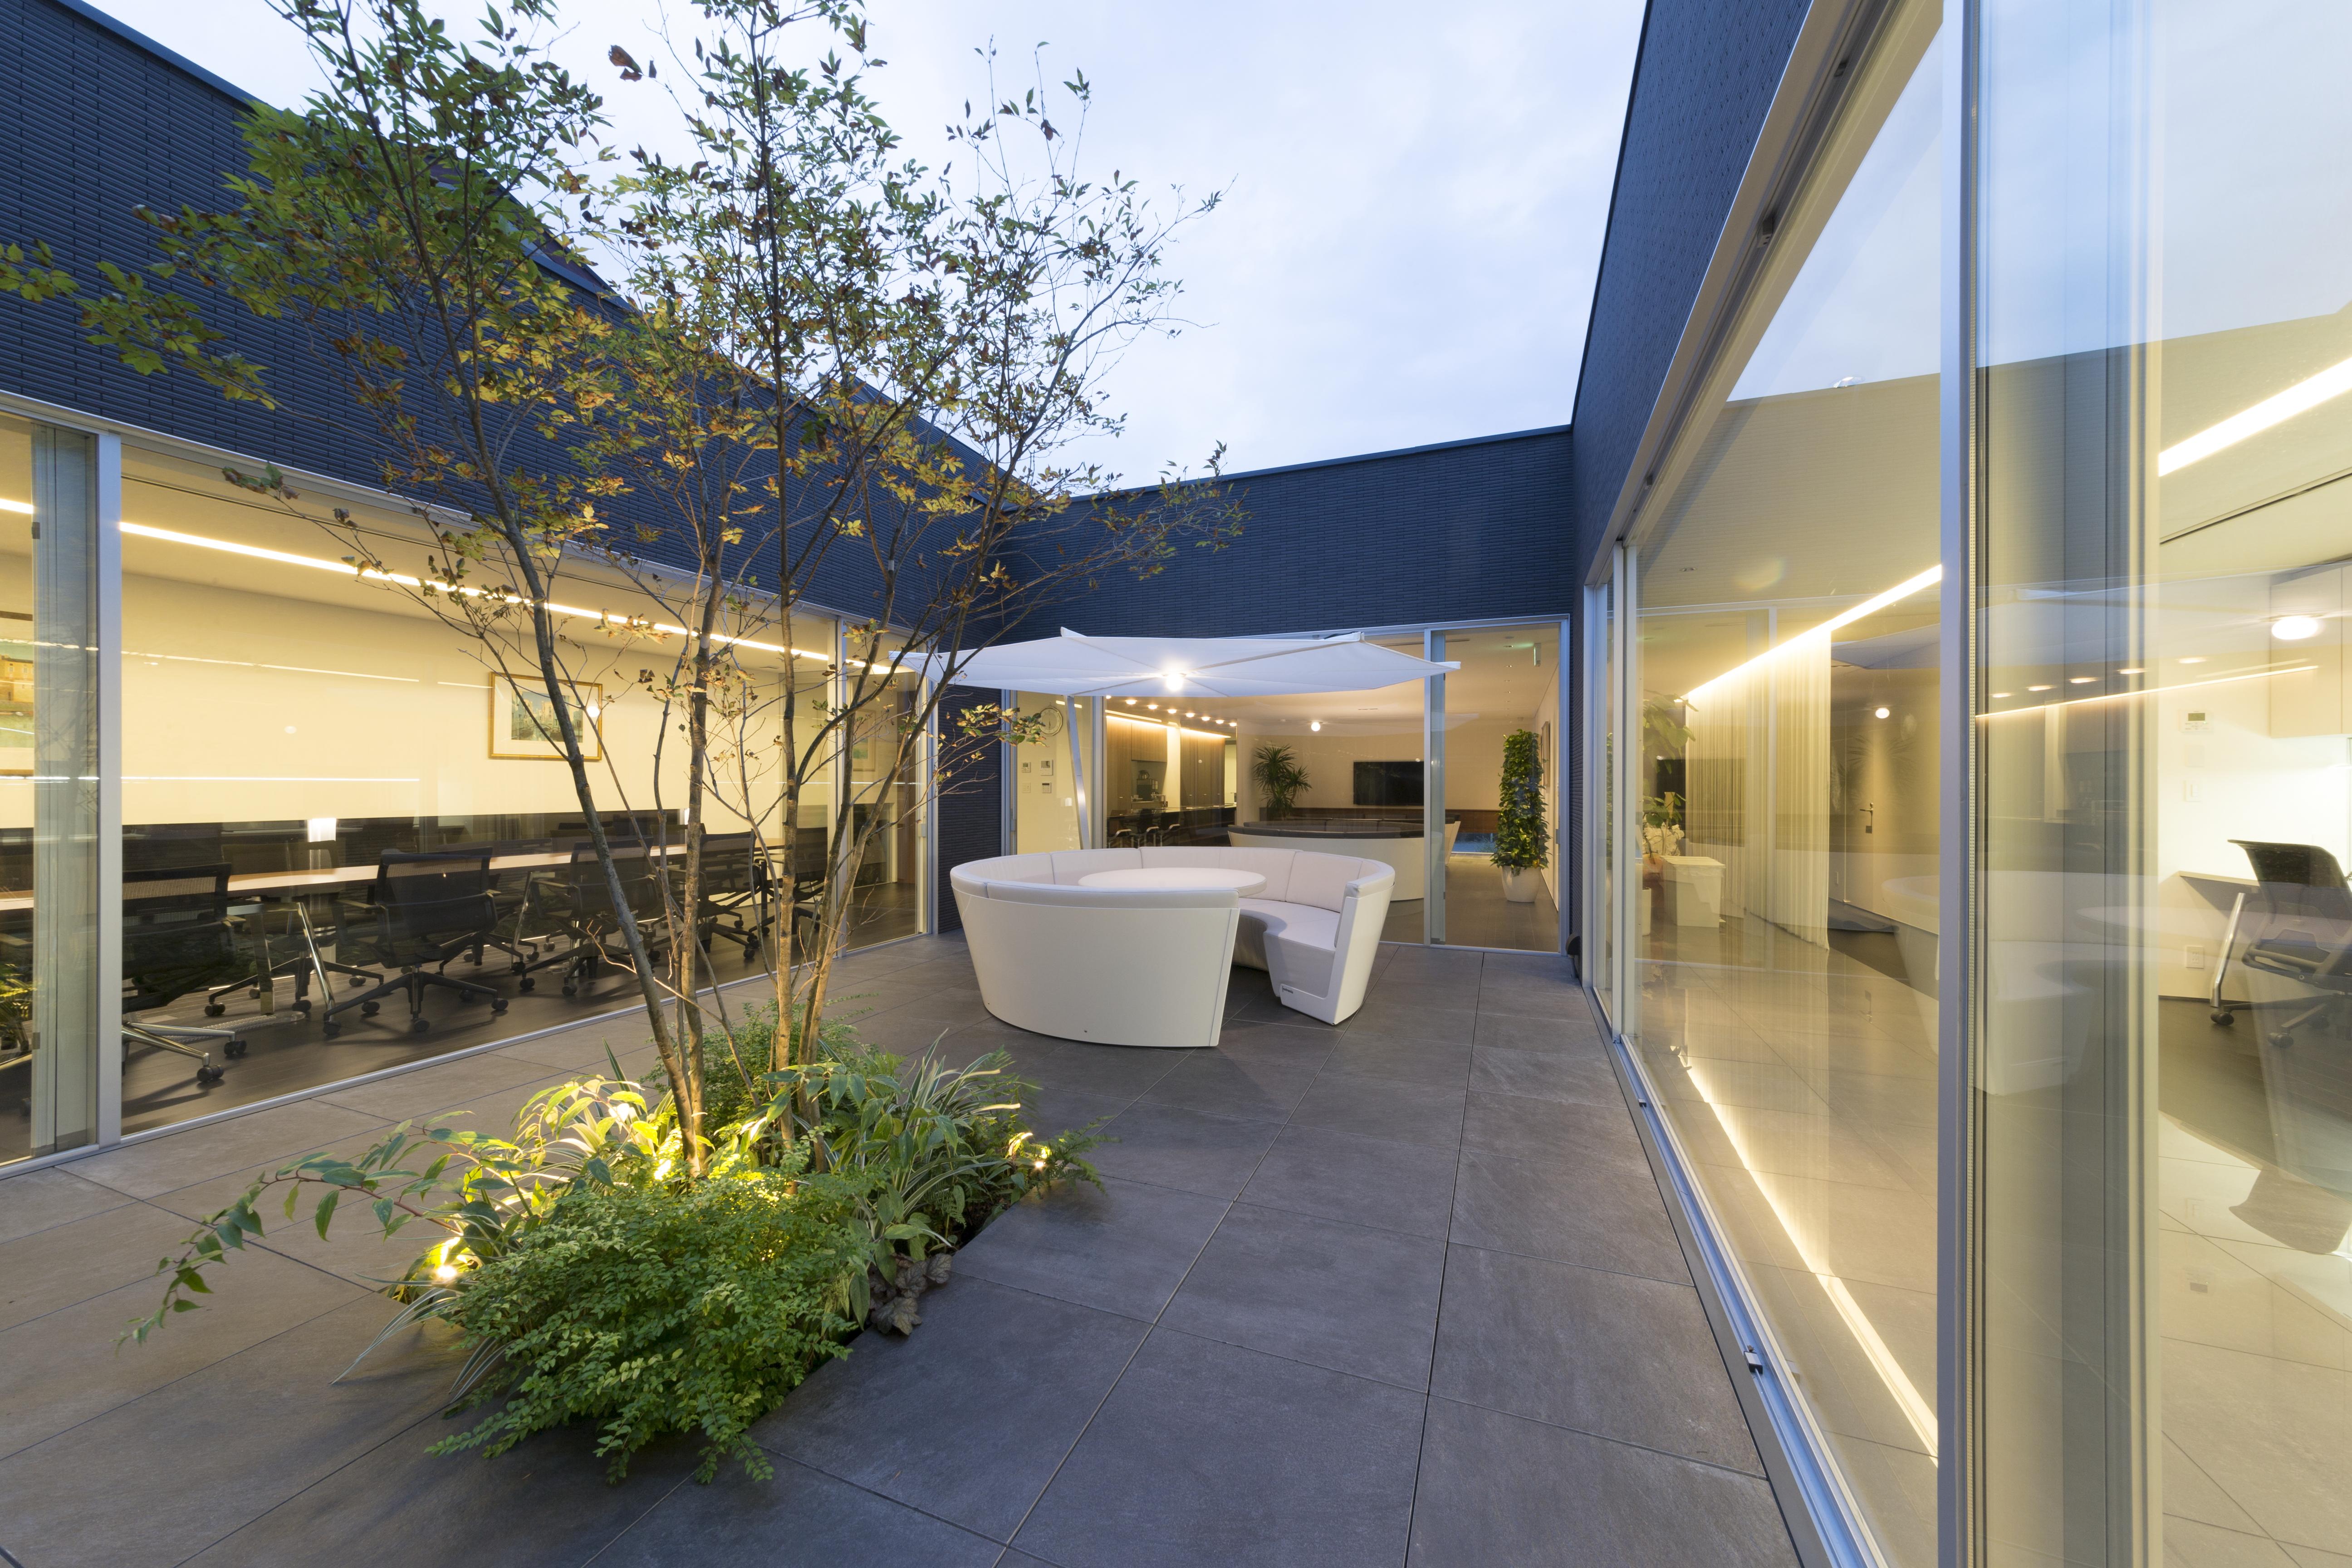 建築家住宅 逗子 湘南 神|高級邸宅 デザイン住宅 豪邸 別荘 注文住宅